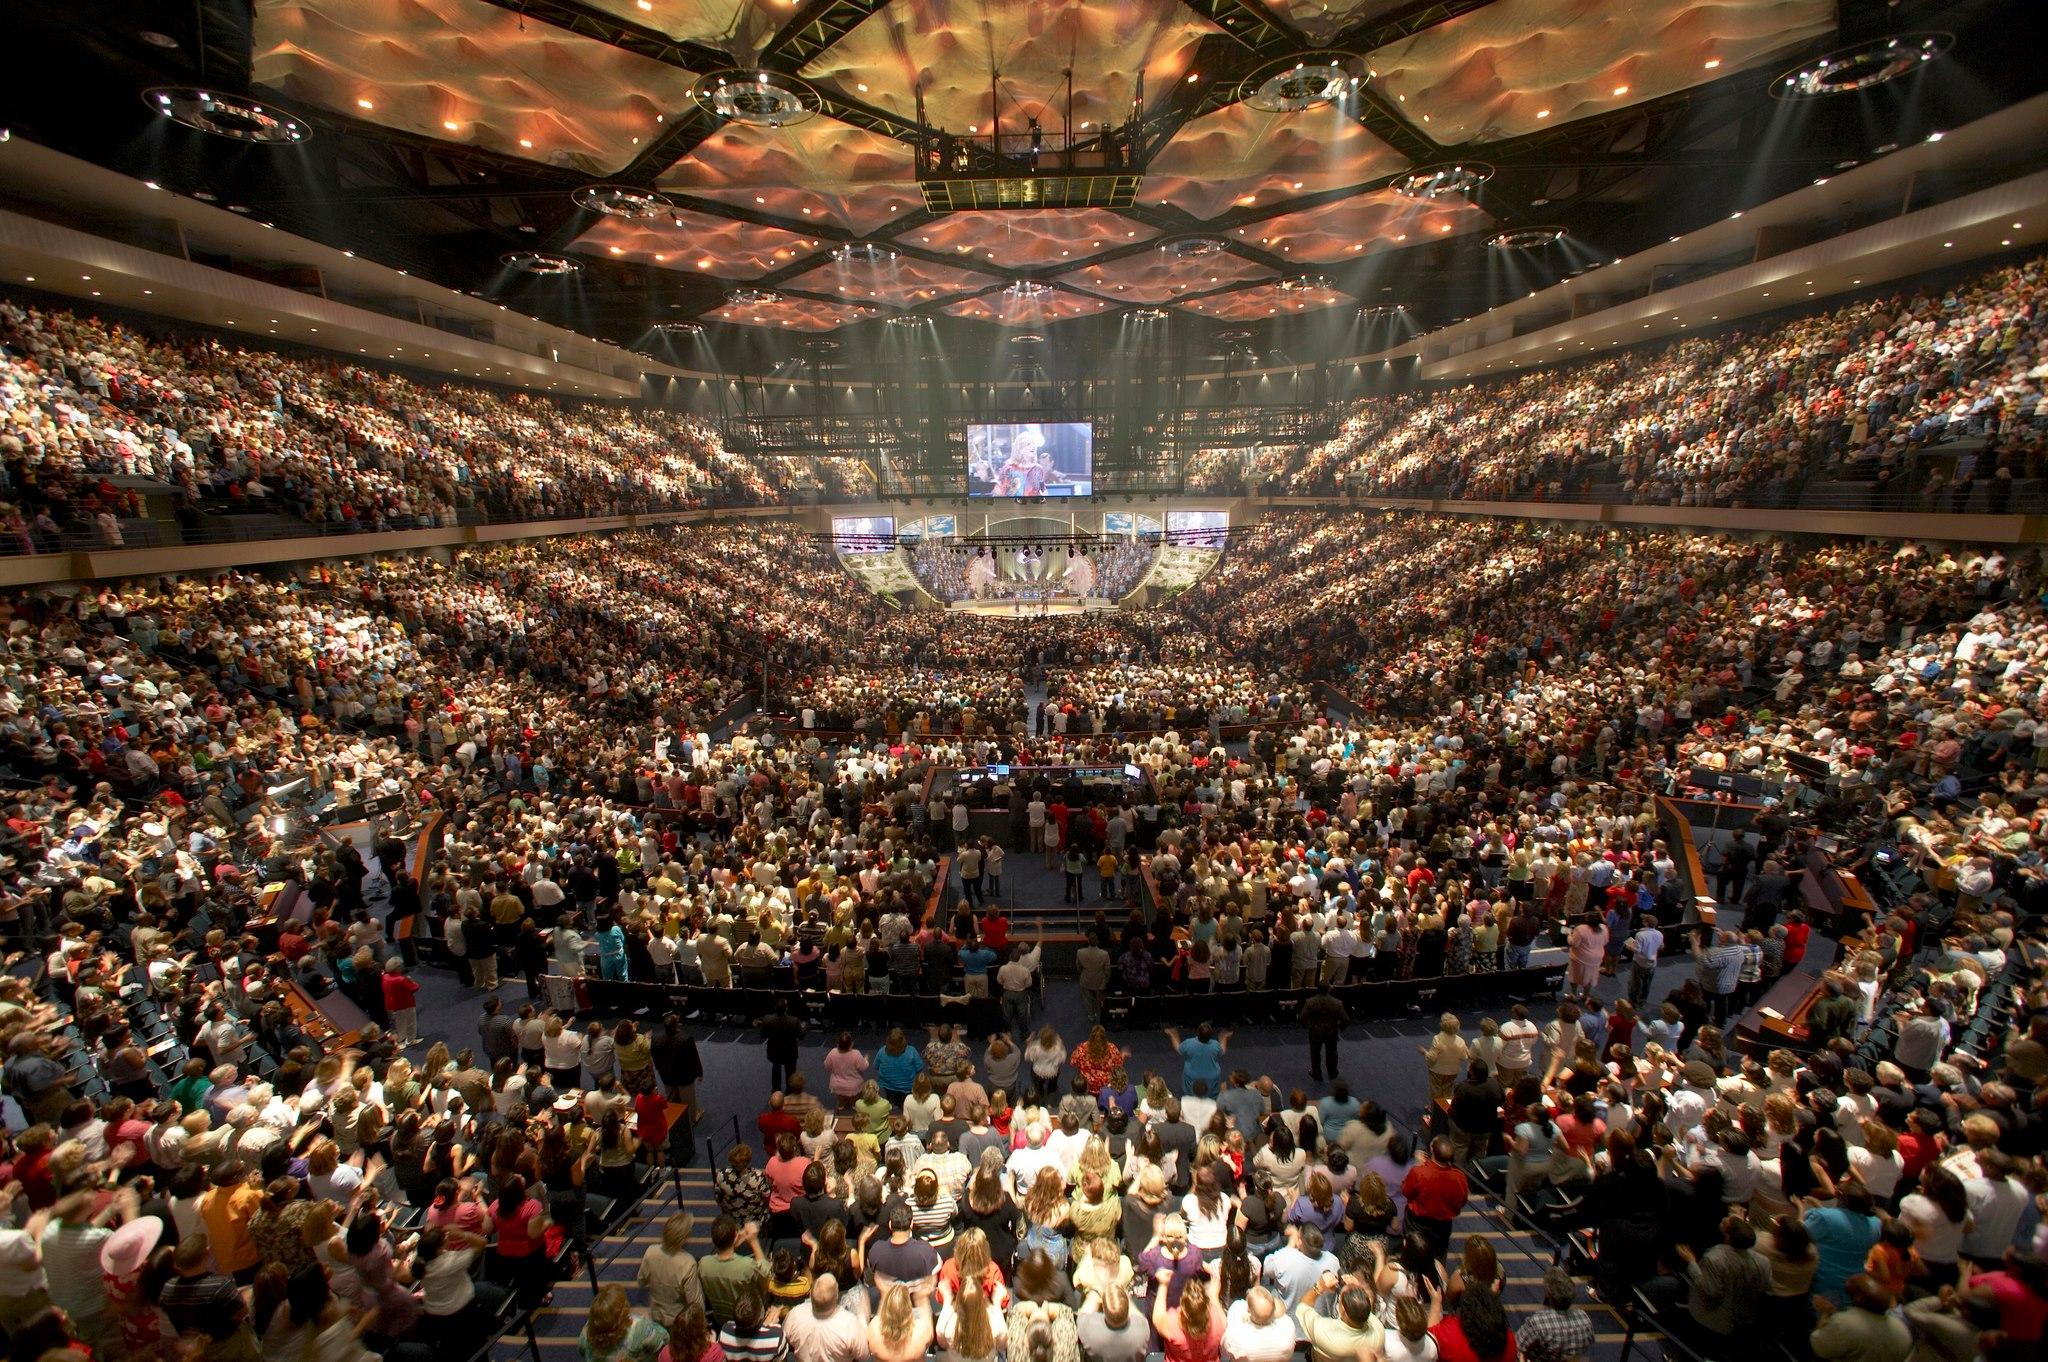 Ceremonia de la Iglesia Lakewood en Houston (USA) en un estadio deportivo con capacidad para 16.000 personas.  Foto: ToBeDaniel